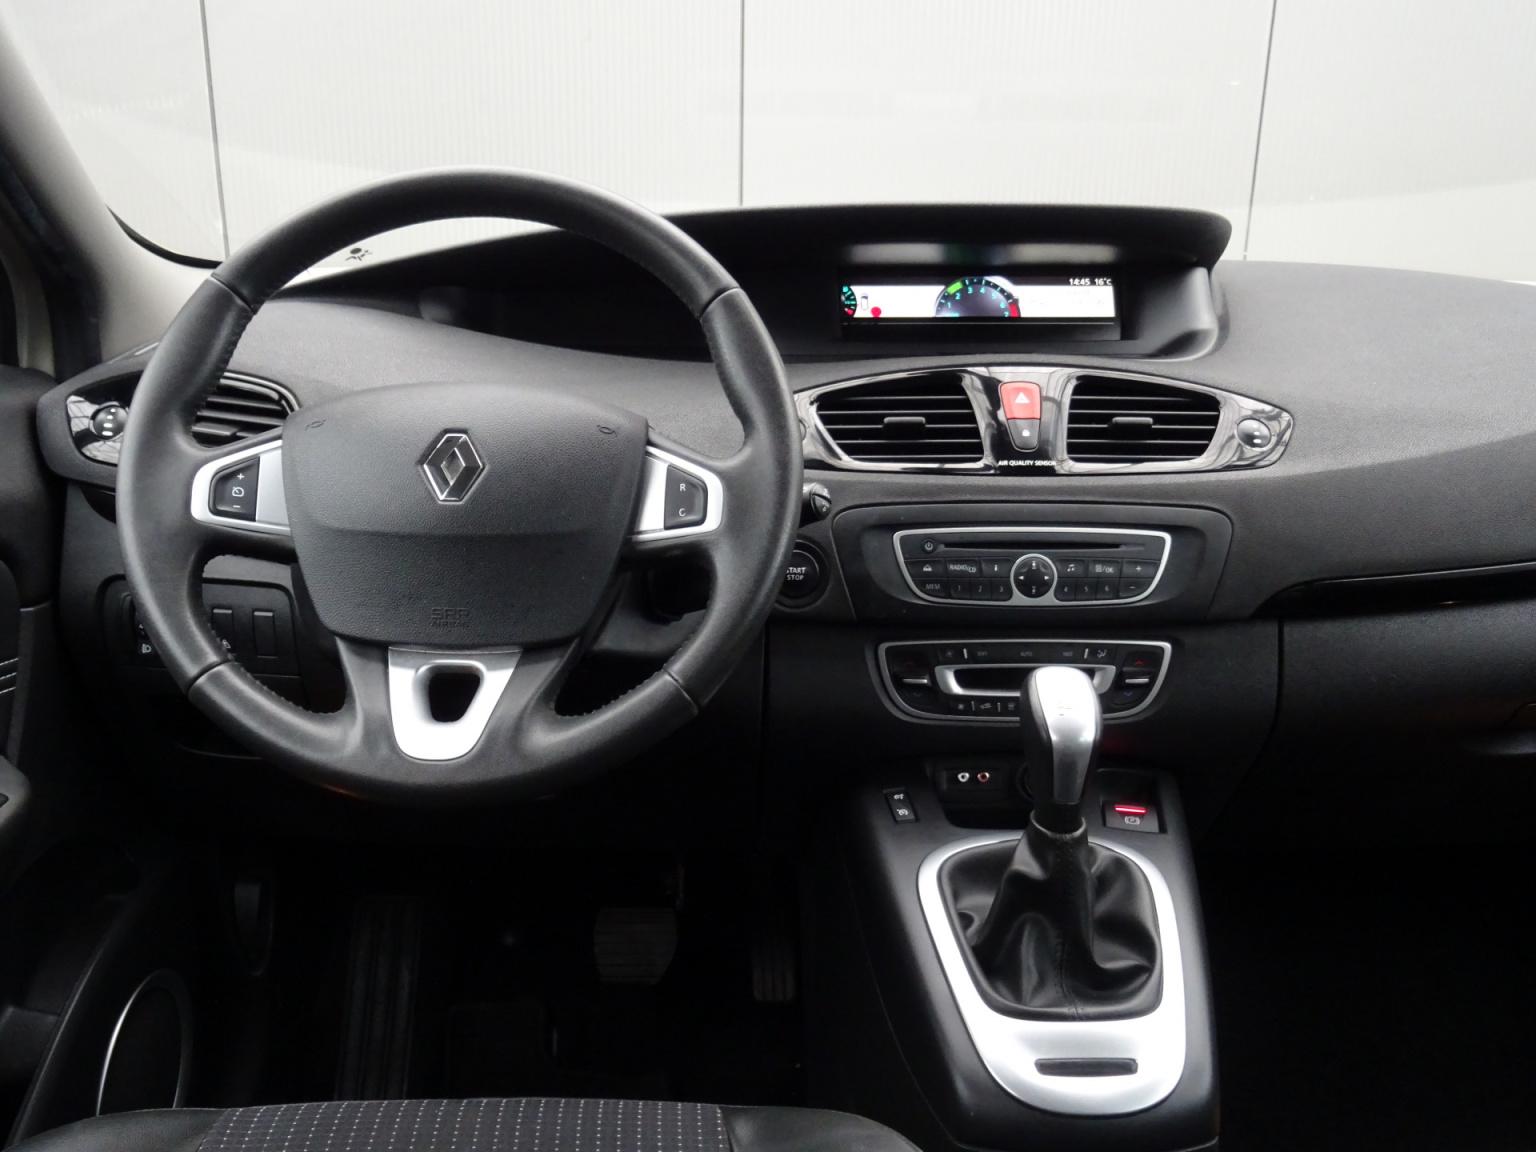 Renault-Scénic-16